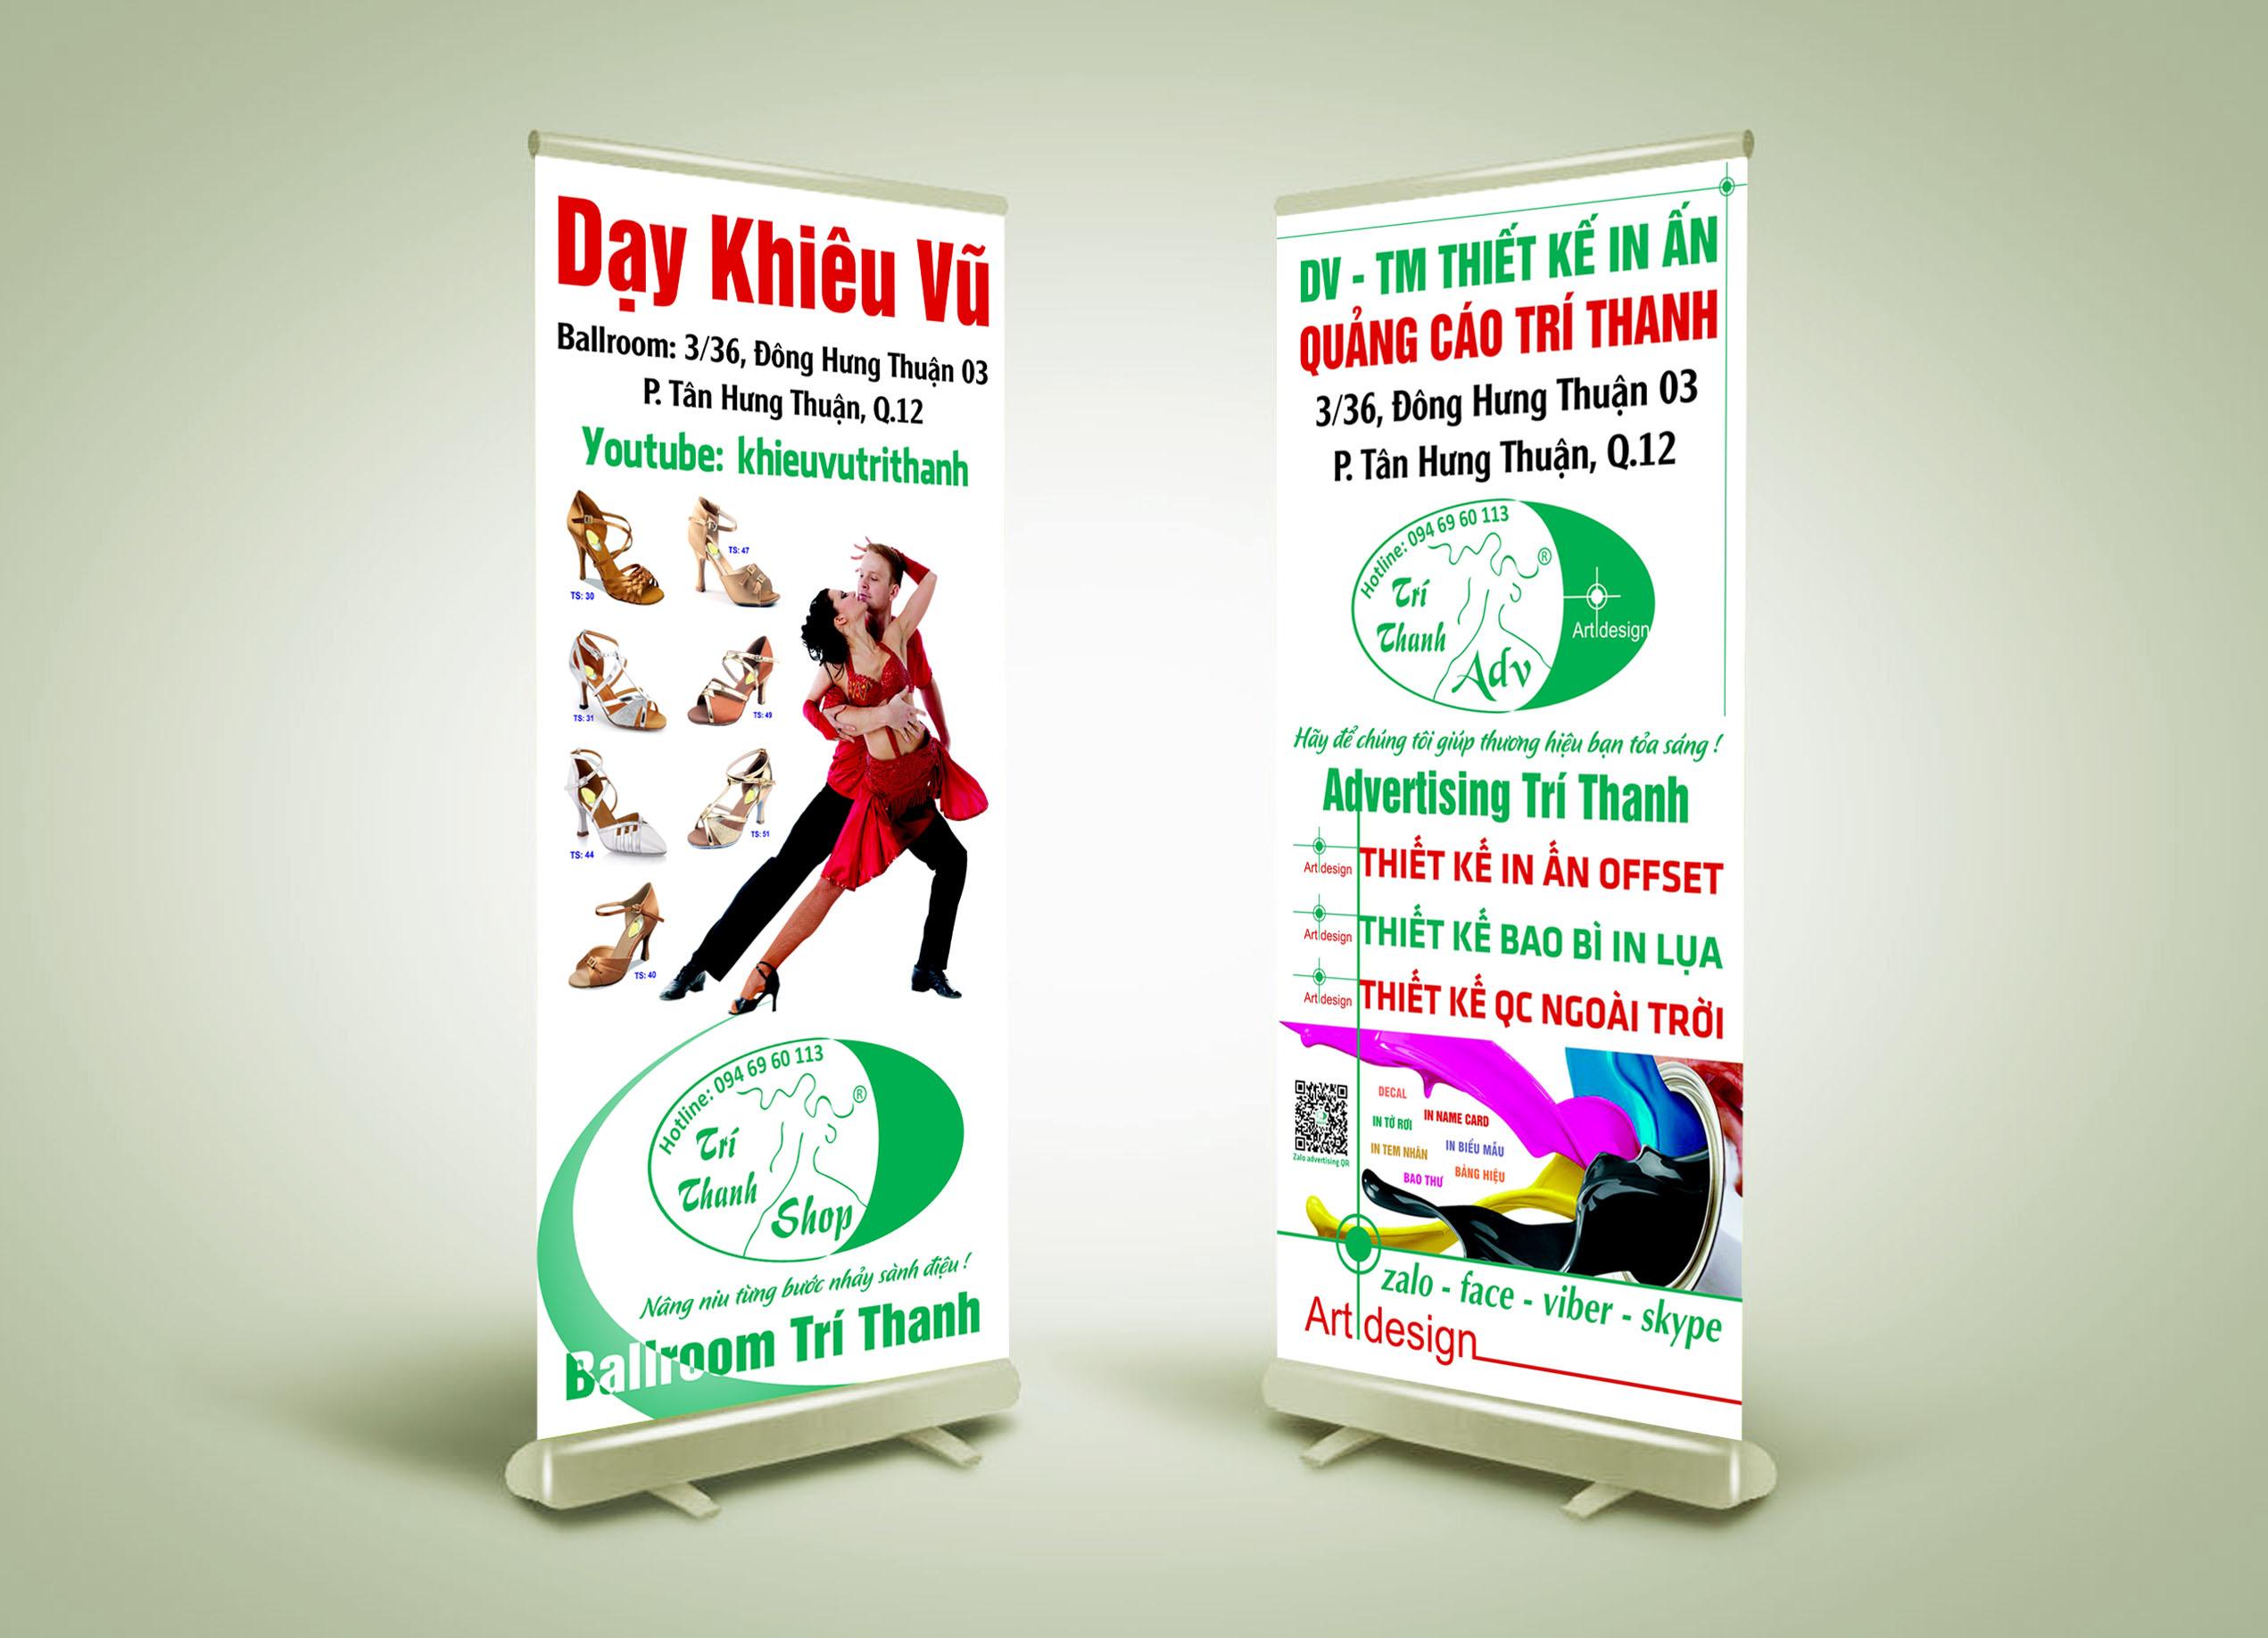 5 Nhận thiết kế in, nhận in quảng cáo, trang trí, thành phẩm quảng cáo, vật phẩm, thiết kế logo...